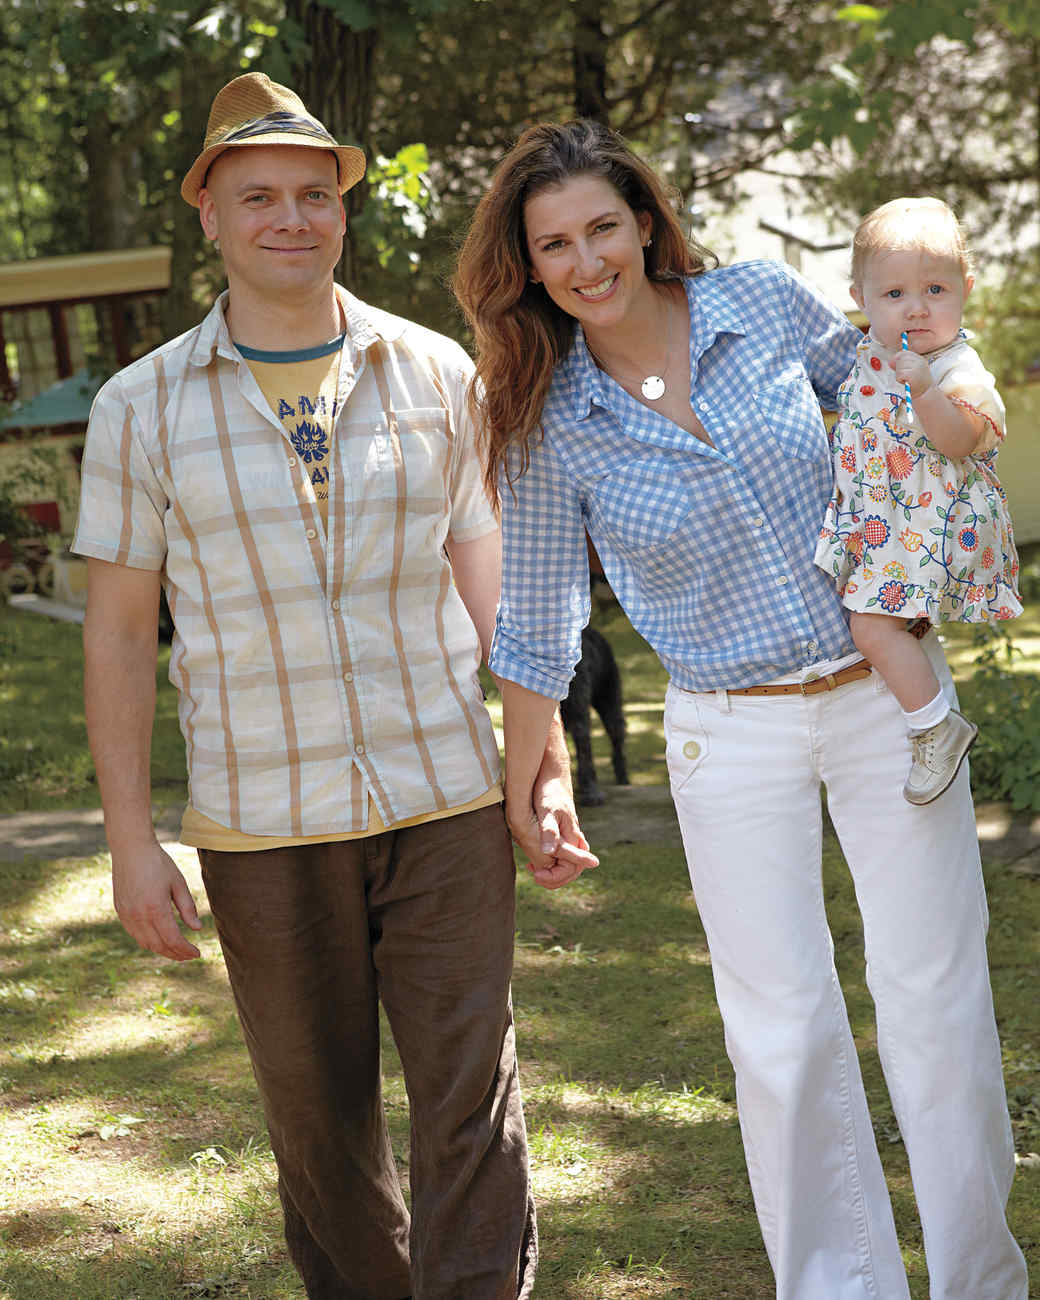 camp-wandawega-md108021-011.jpg